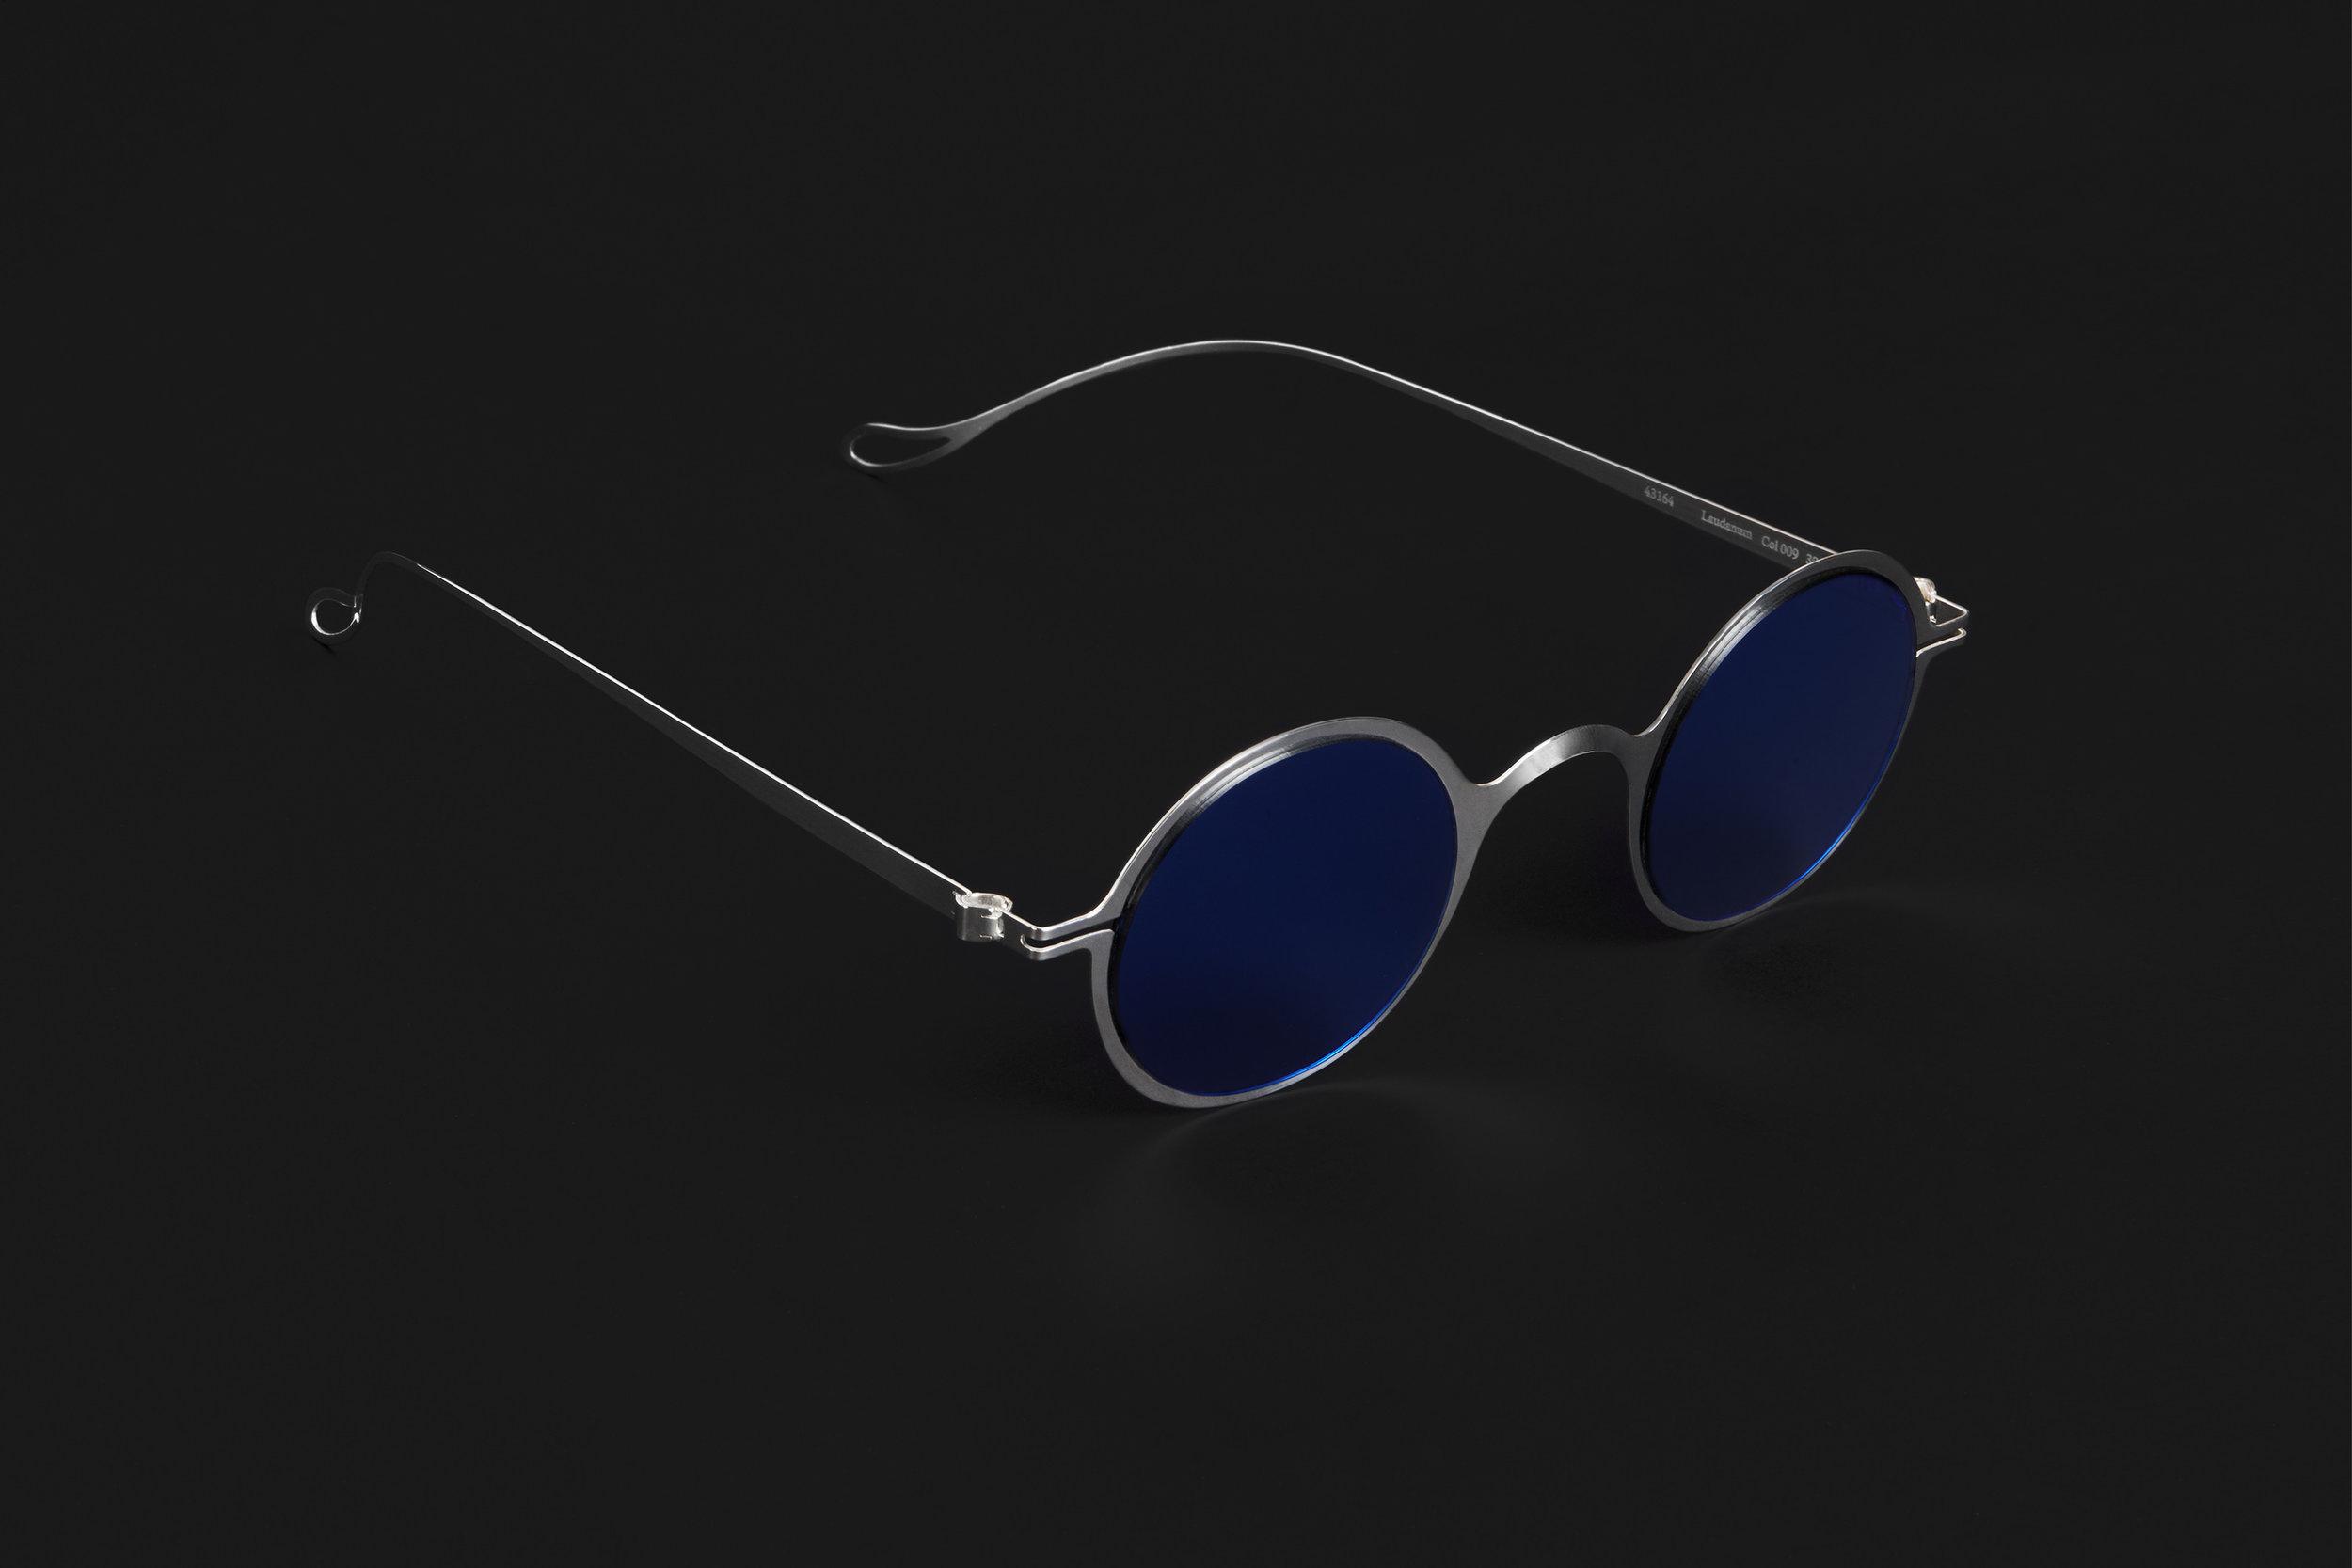 haffmans_neumeister_laudanum_argentum_litmus_blue_phasmid_sunglasses_angle_102224.jpg